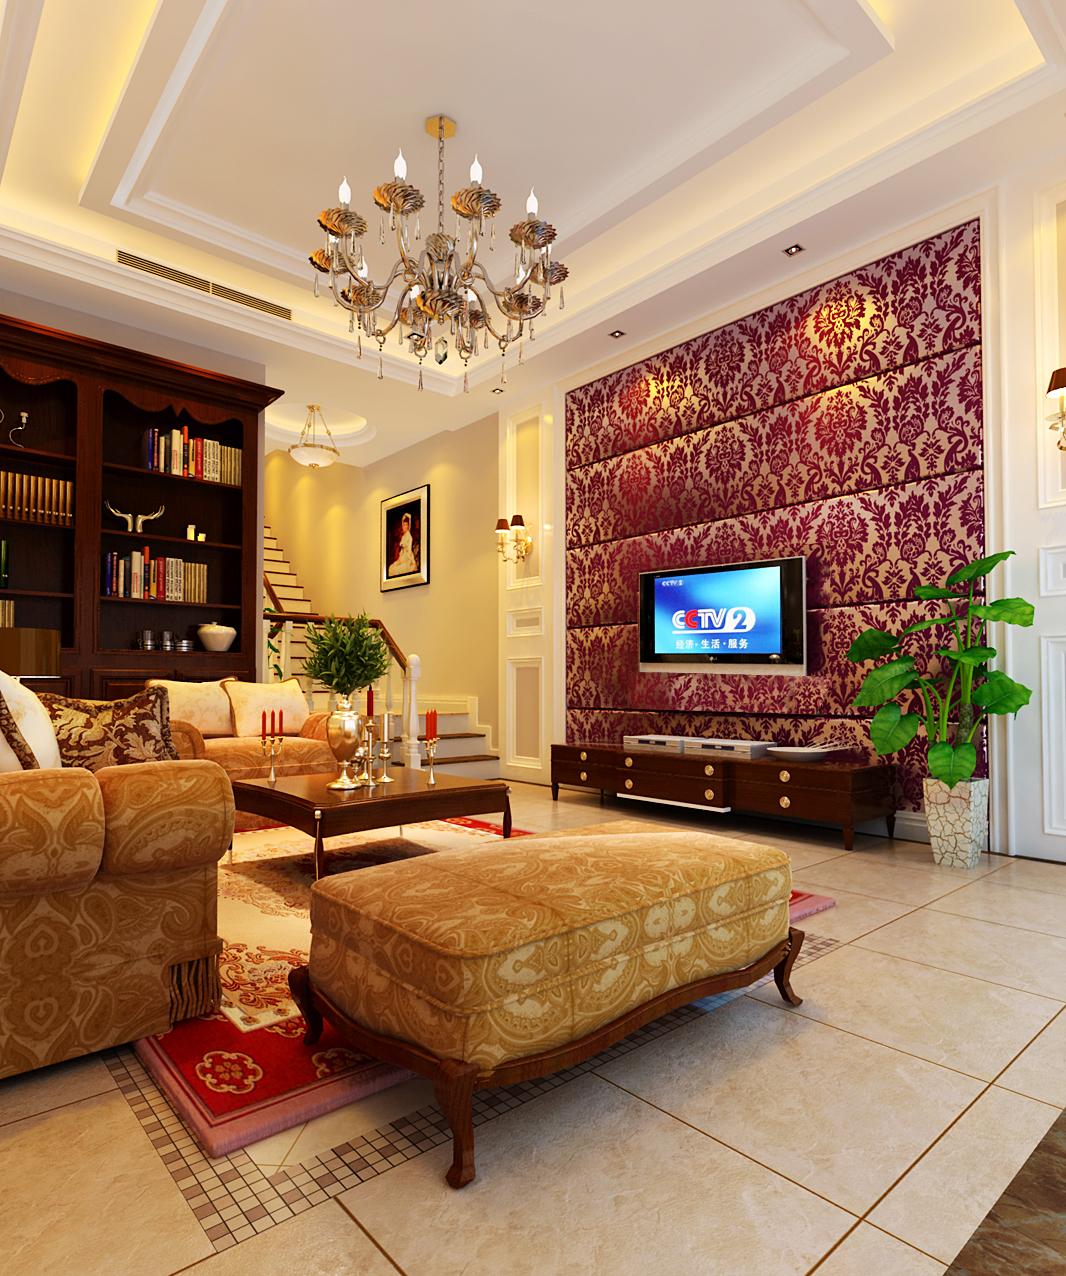 简约 欧式 复式 客厅图片来自实创装饰上海公司在280平复式欧式风格装修设计的分享